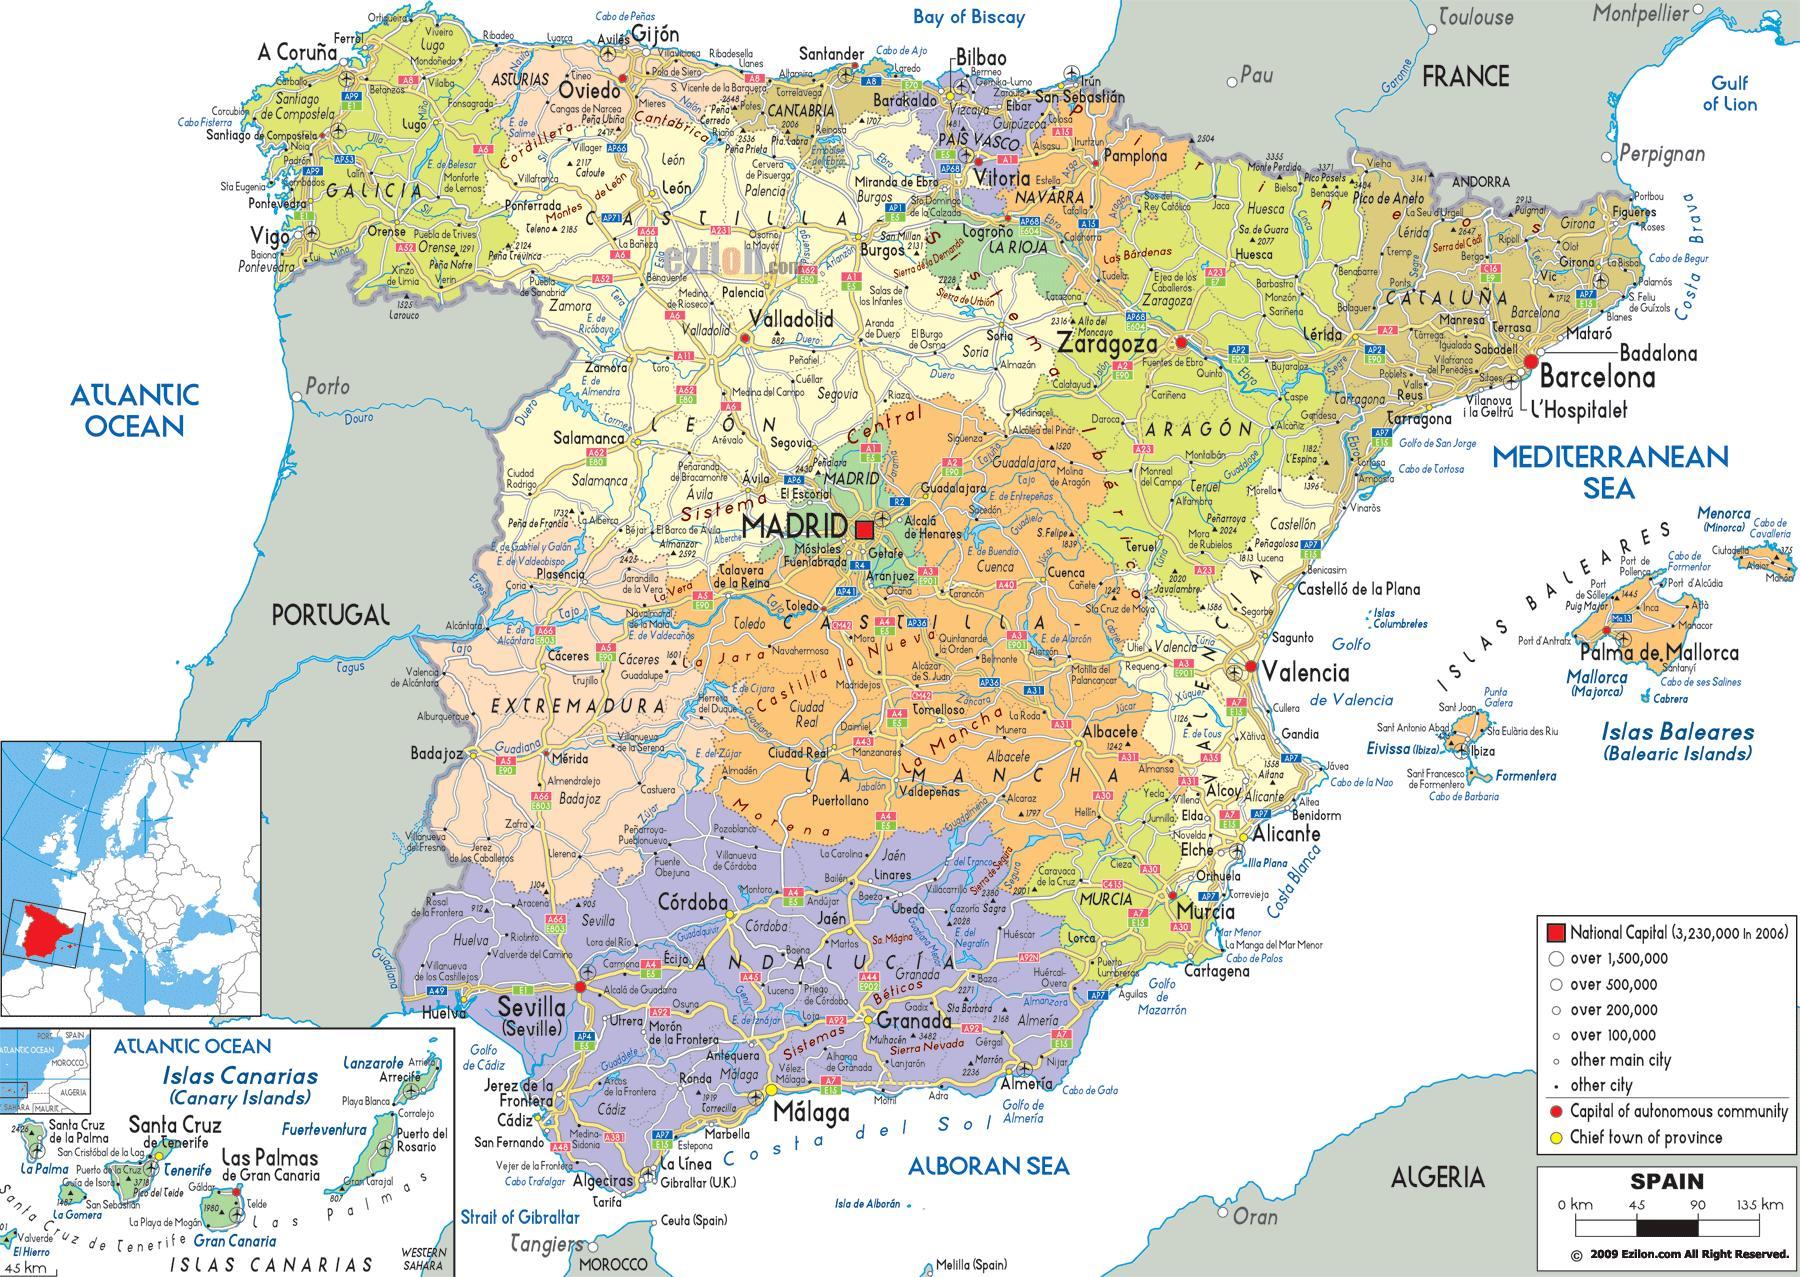 mapa espanha norte Mapa detalhado do norte da Espanha   Norte de Espanha mapa de  mapa espanha norte